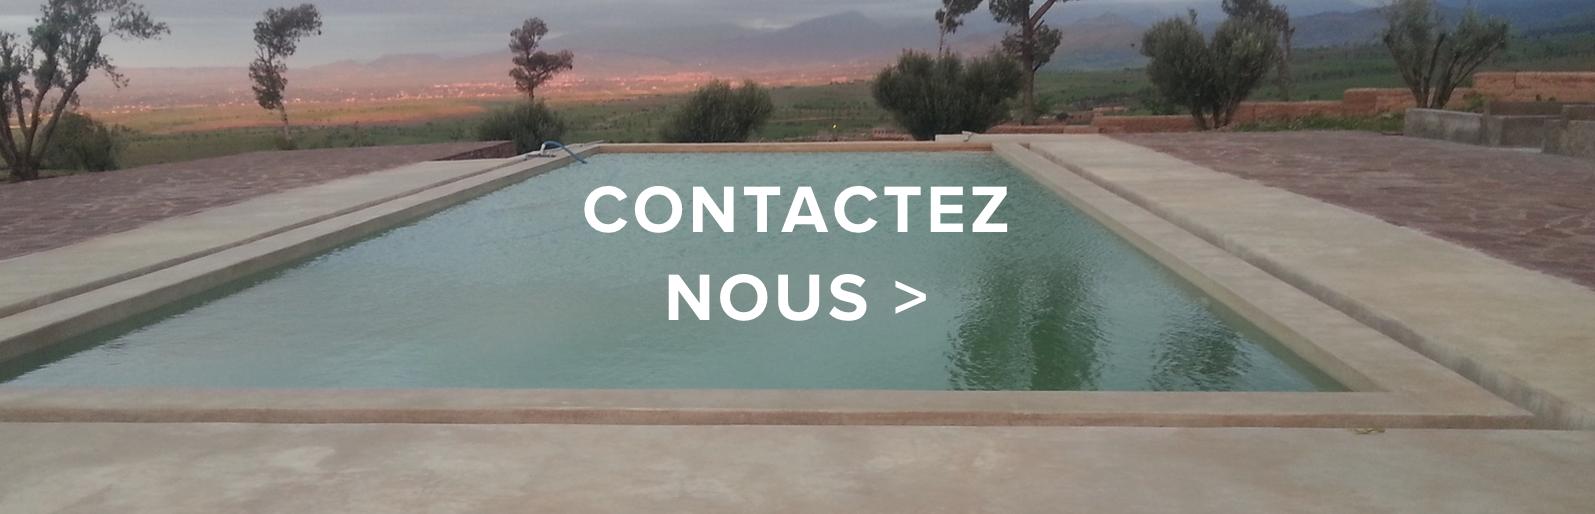 Nos bureaux - Contactez-nous - Econosol Maroc, Economiseur d'énergie